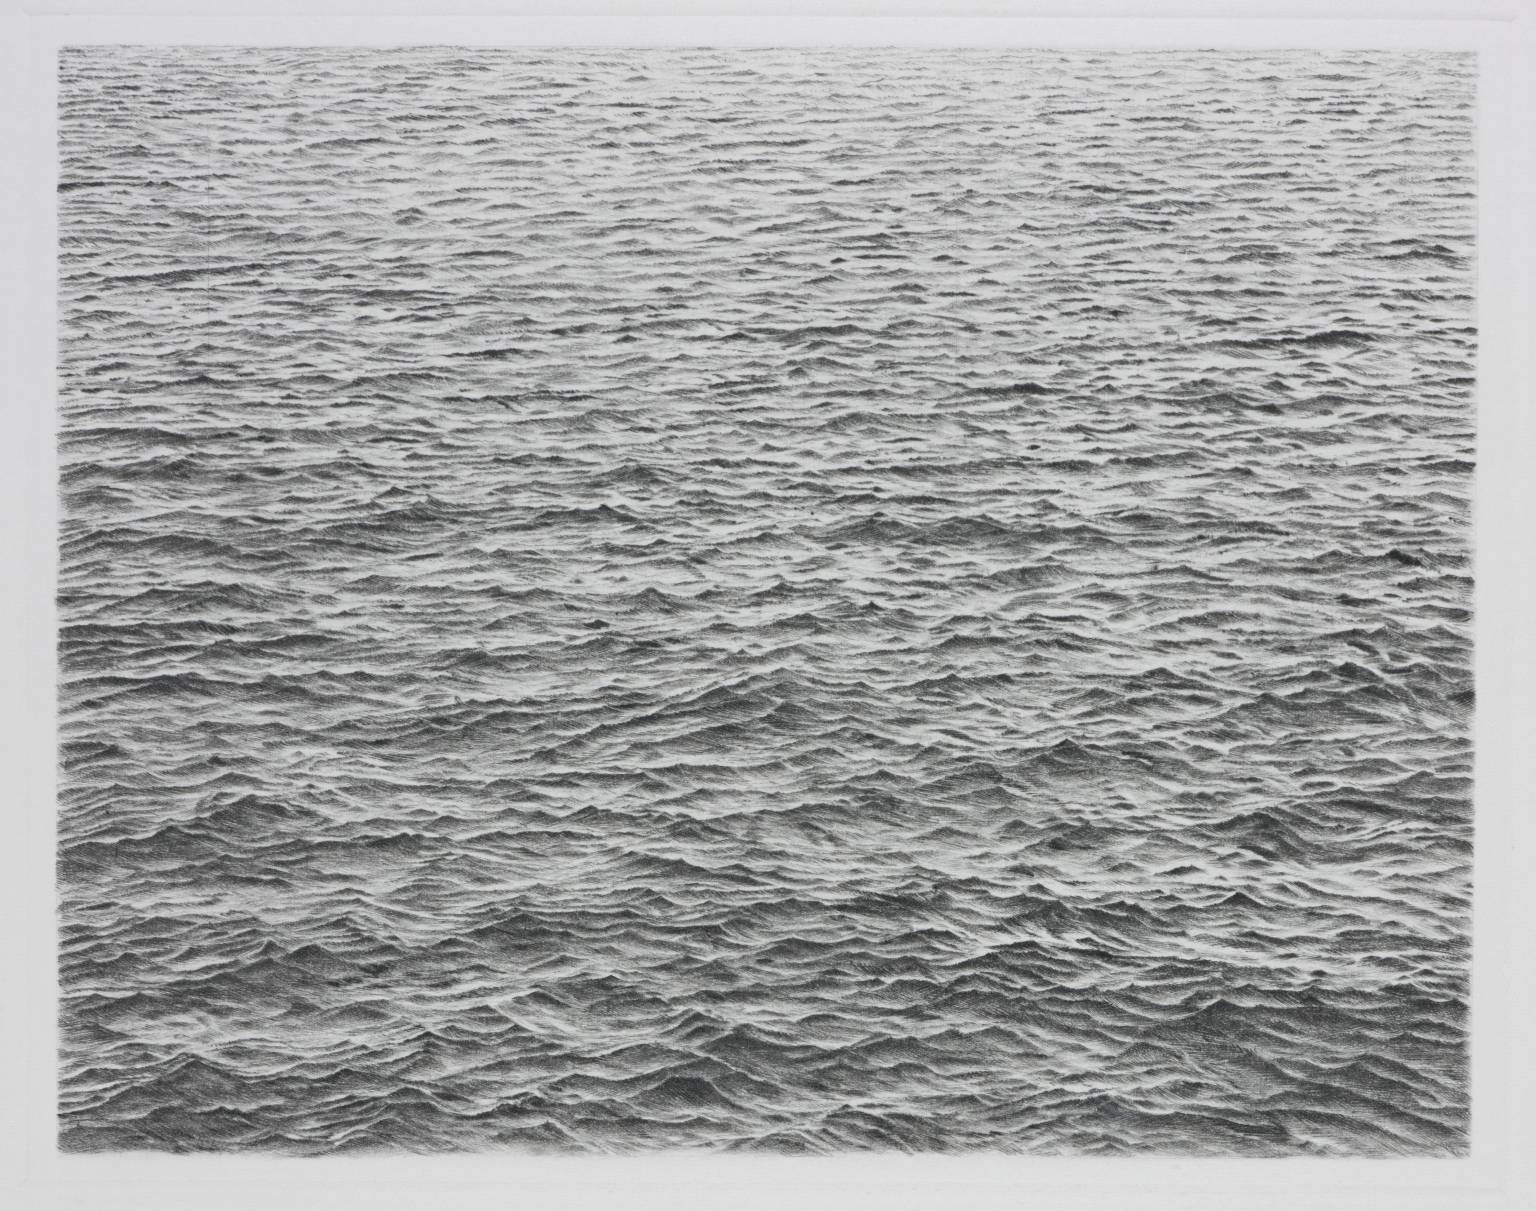 Vija Celmins, Ocean, 1983 (SOLD)